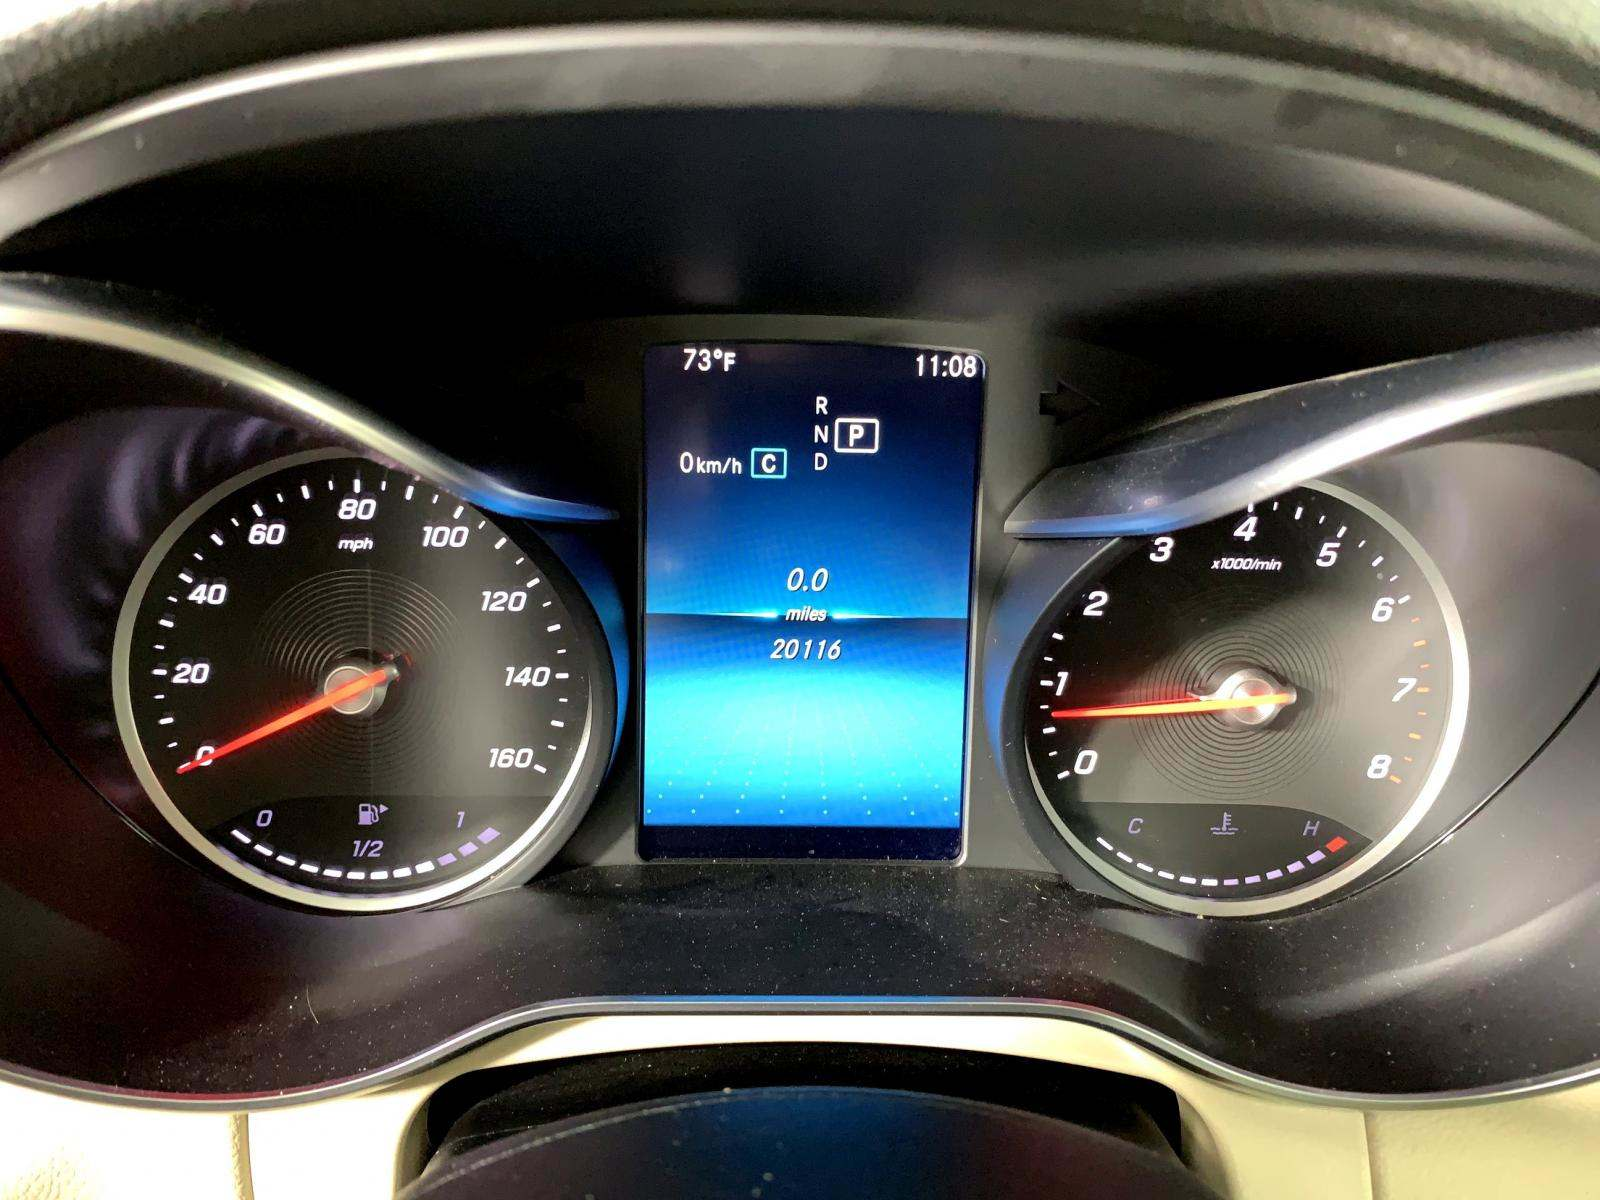 used Mercedes-Benz C-Class 2019 vin: 55SWF8DB4KU286456